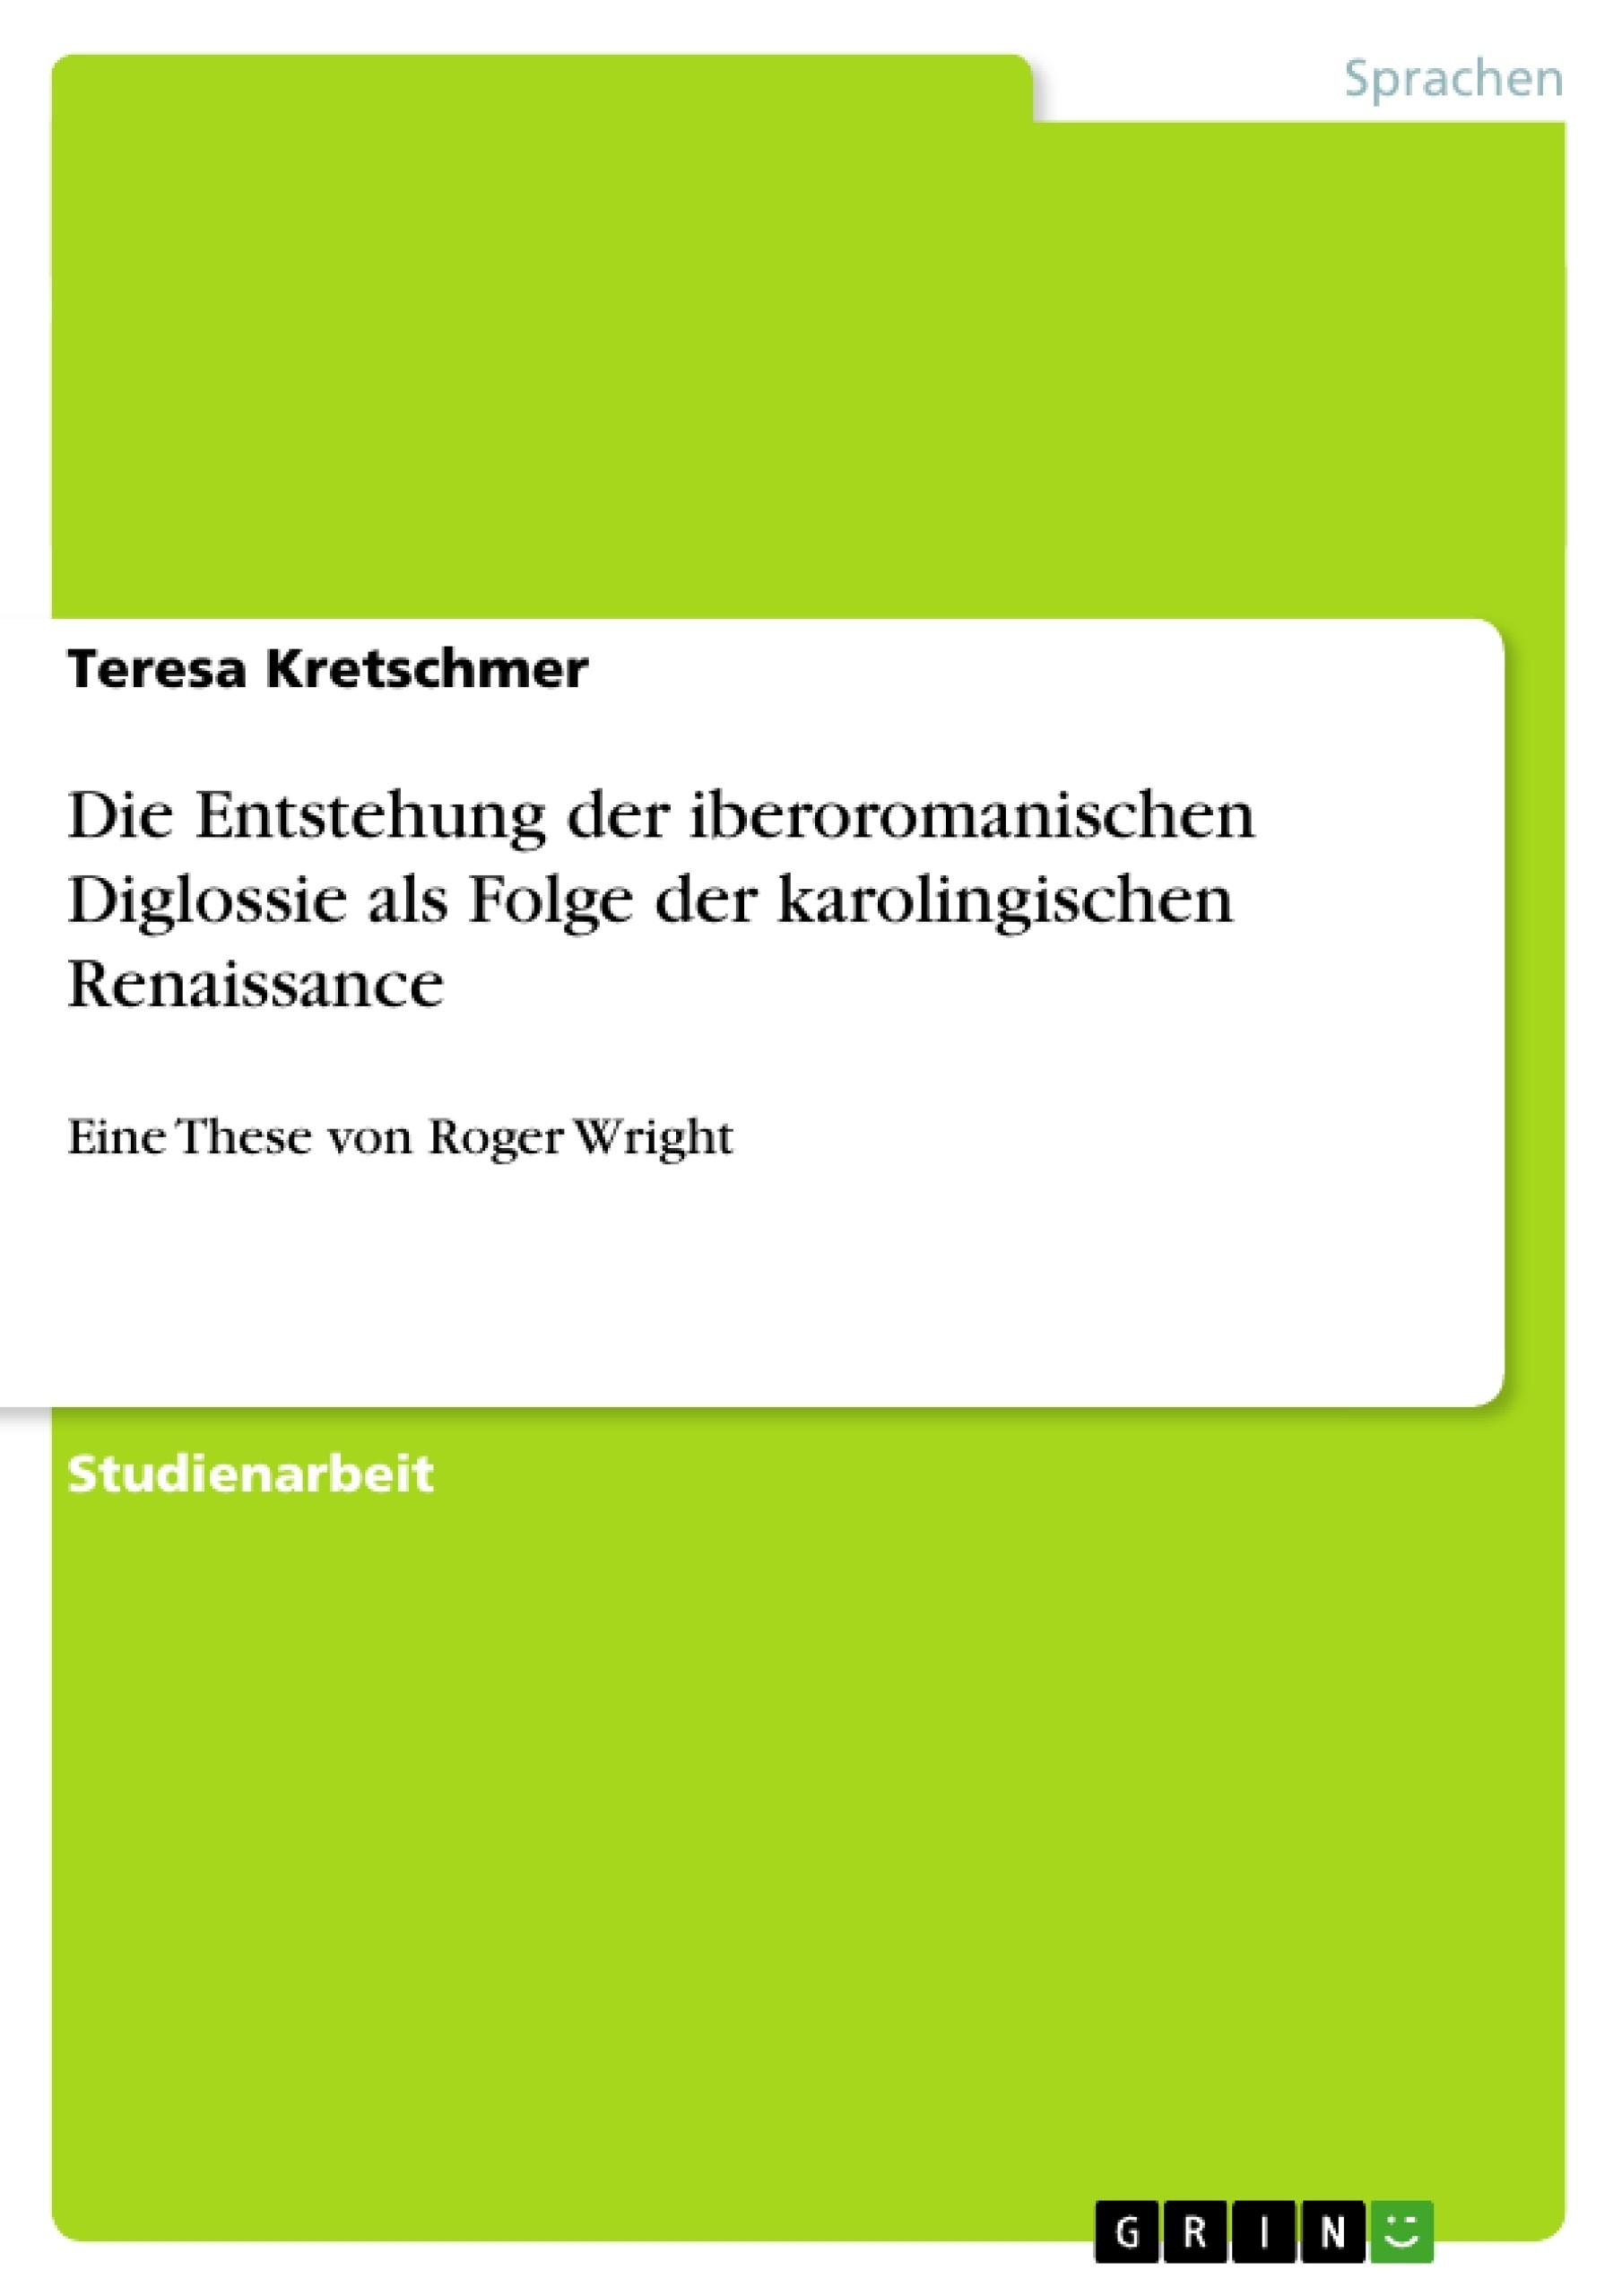 Titel: Die Entstehung der iberoromanischen Diglossie als Folge der karolingischen Renaissance